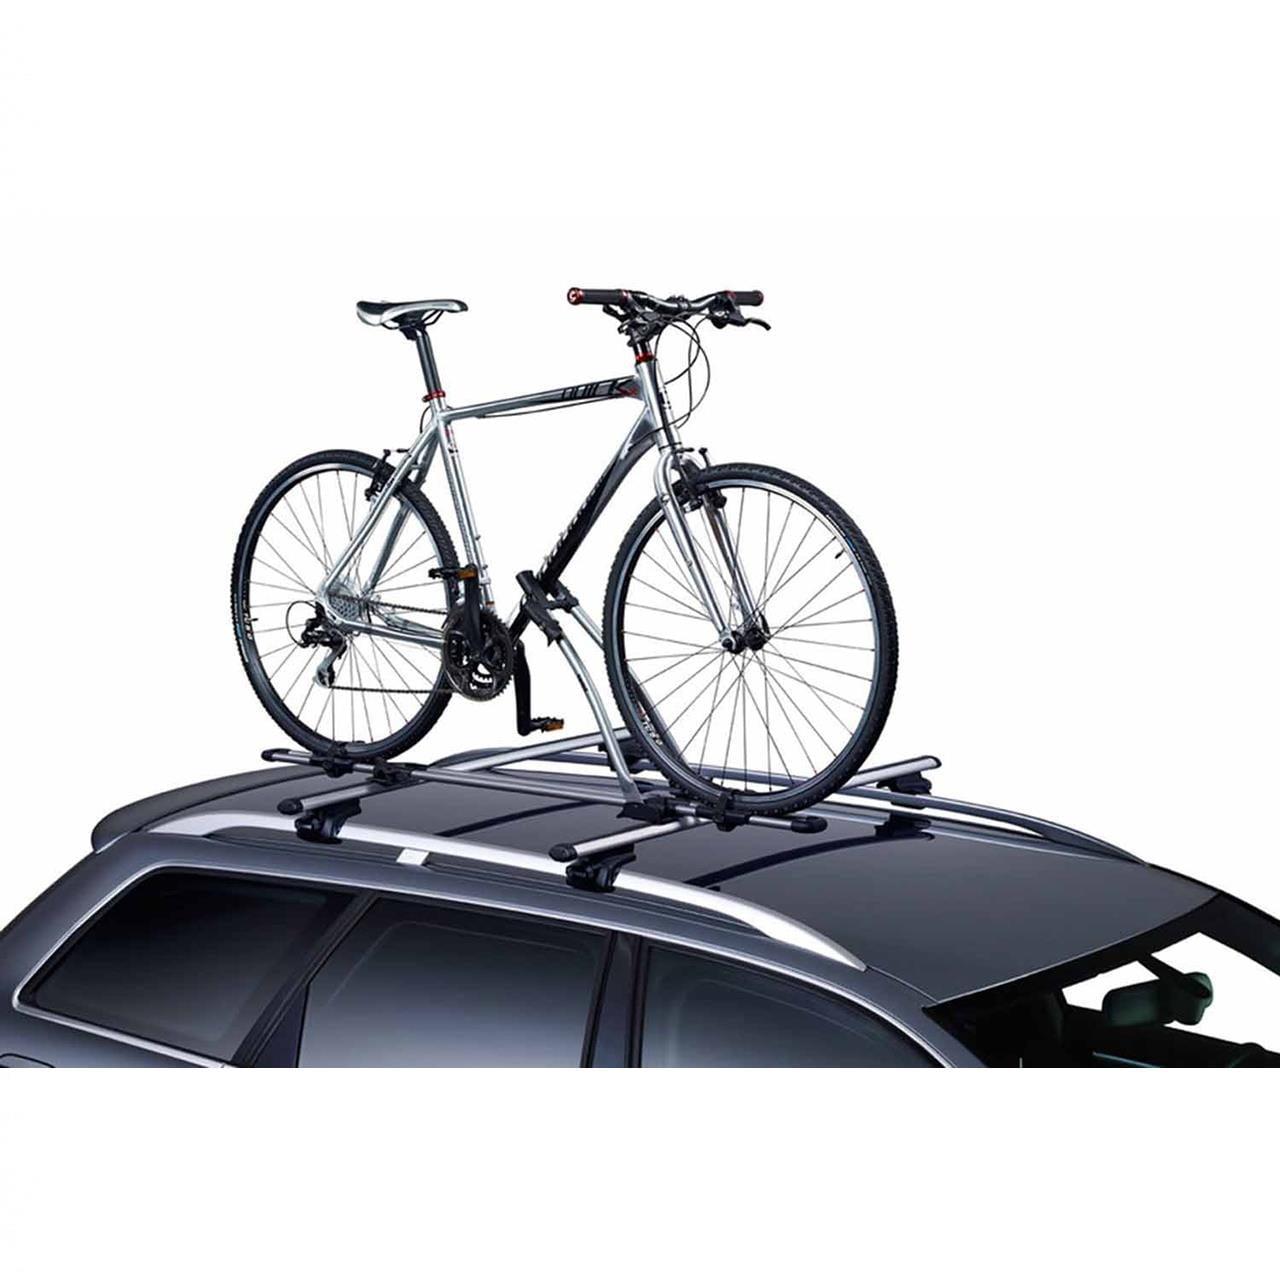 Pachet 2 buc suporturi biciclete Thule FreeRide 532 cu prindere pe bare transversale 4